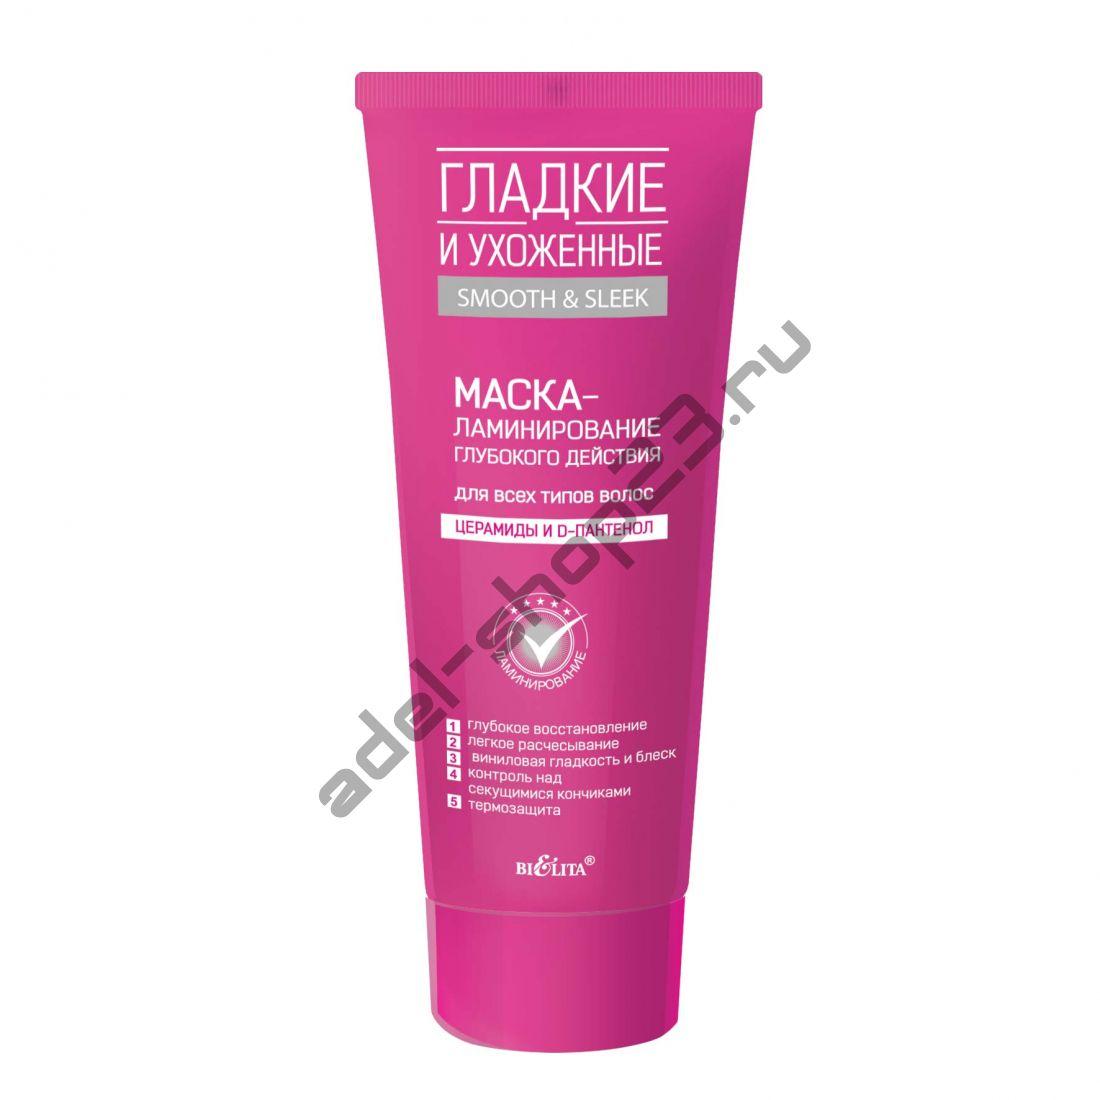 BIELITA - Маска-ламинирование глубокого действия для всех типов волос